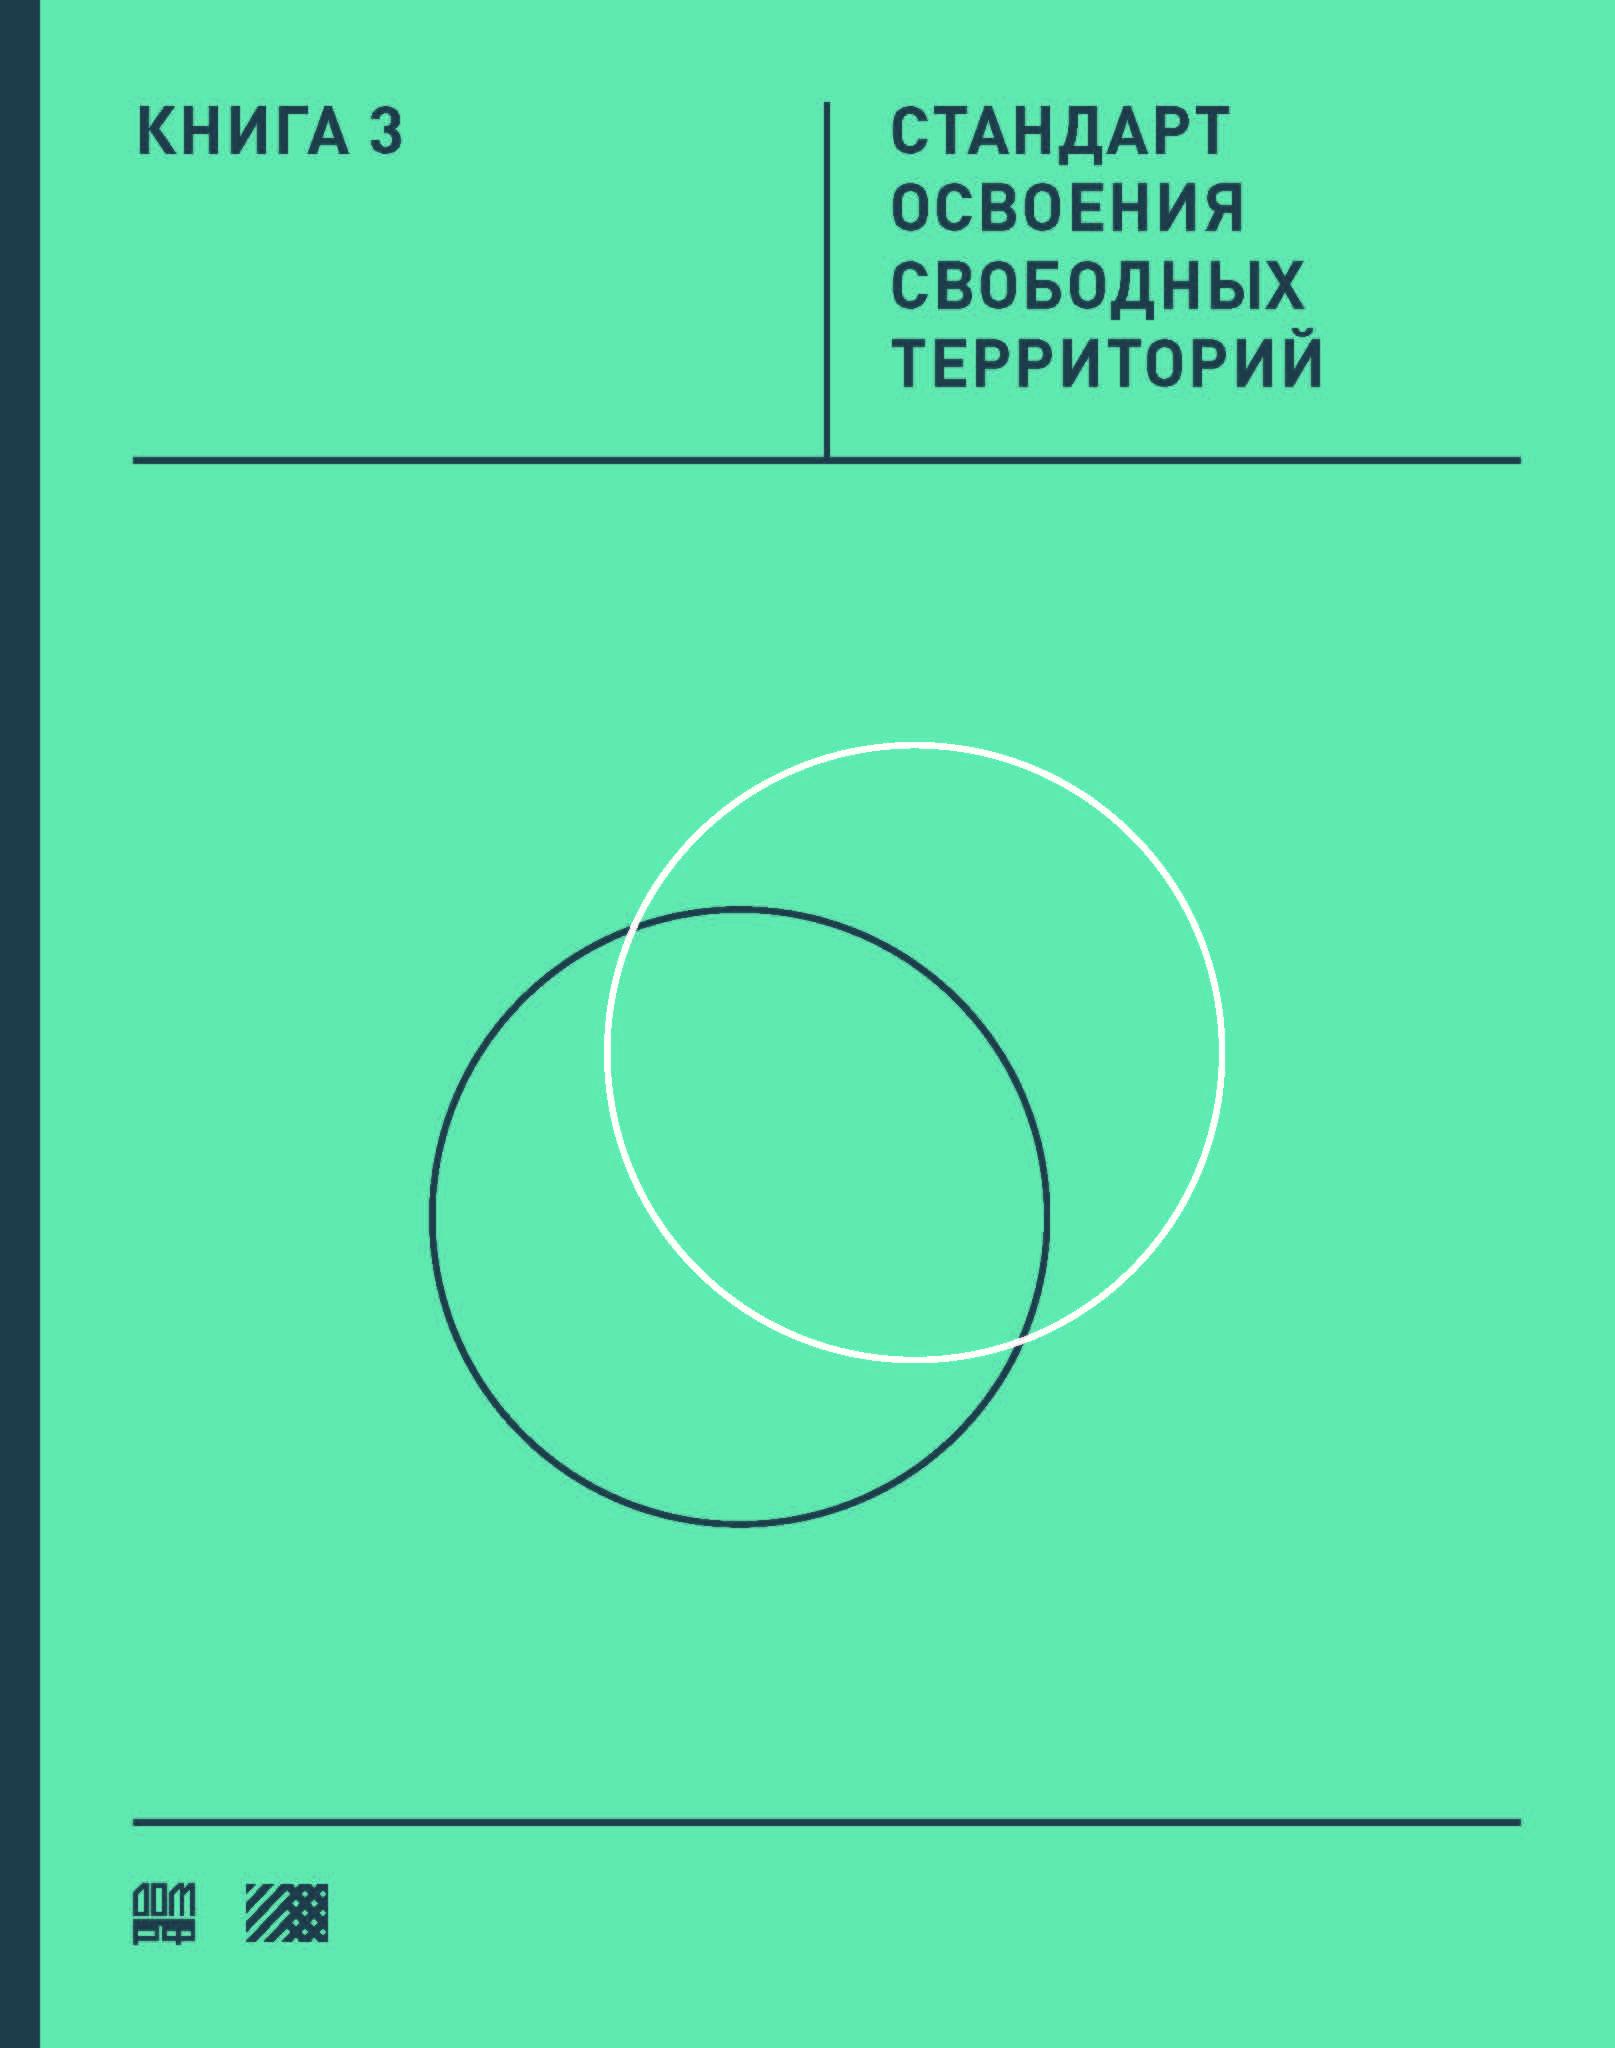 Книга 3 Стандарт освоения свободных территорий